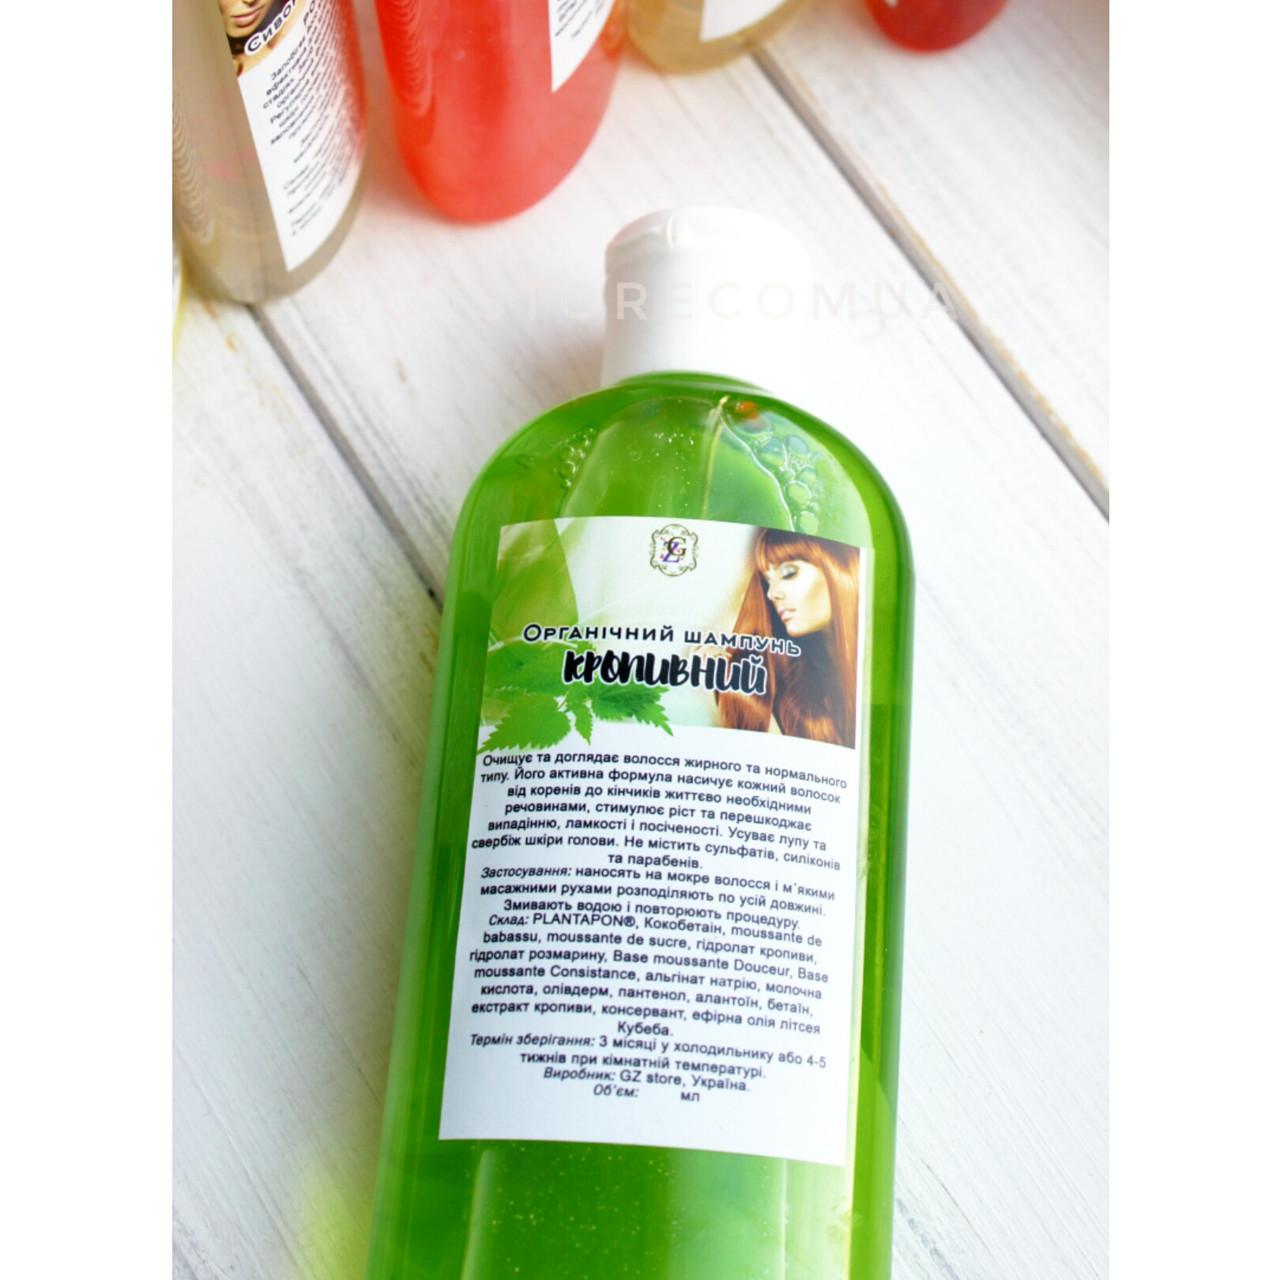 Крапивный Шампунь 100мл для жирных и нормальных волос, безсульфатный